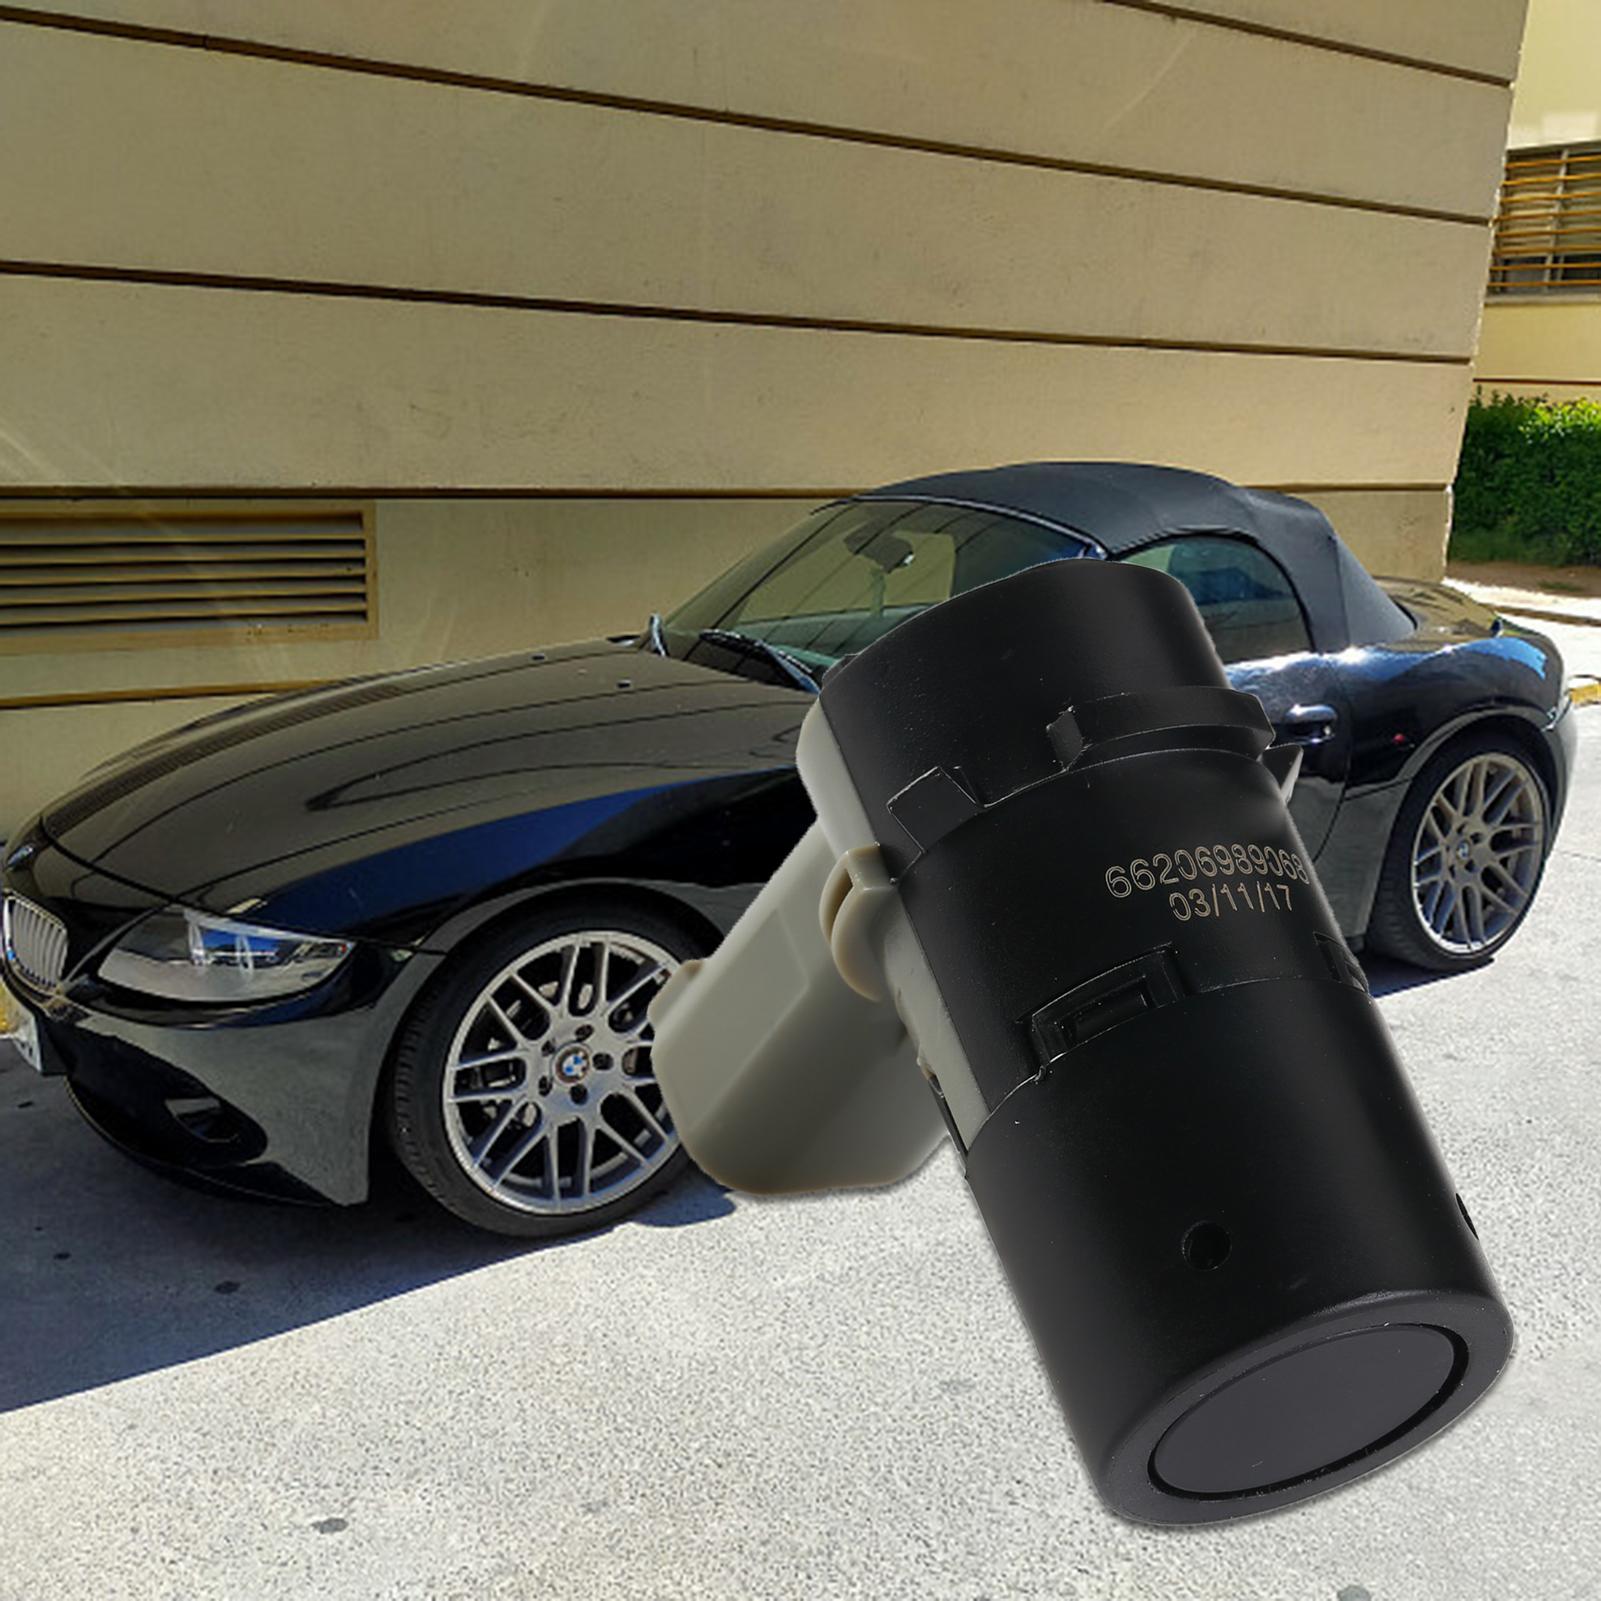 Sensor de estacionamento do veículo do carro automático 66206989068 para bmw z4 x3 e89e83-radar de estacionamento parktronic do pdc-auxiliar de alarme de posicionamento do estacionamento